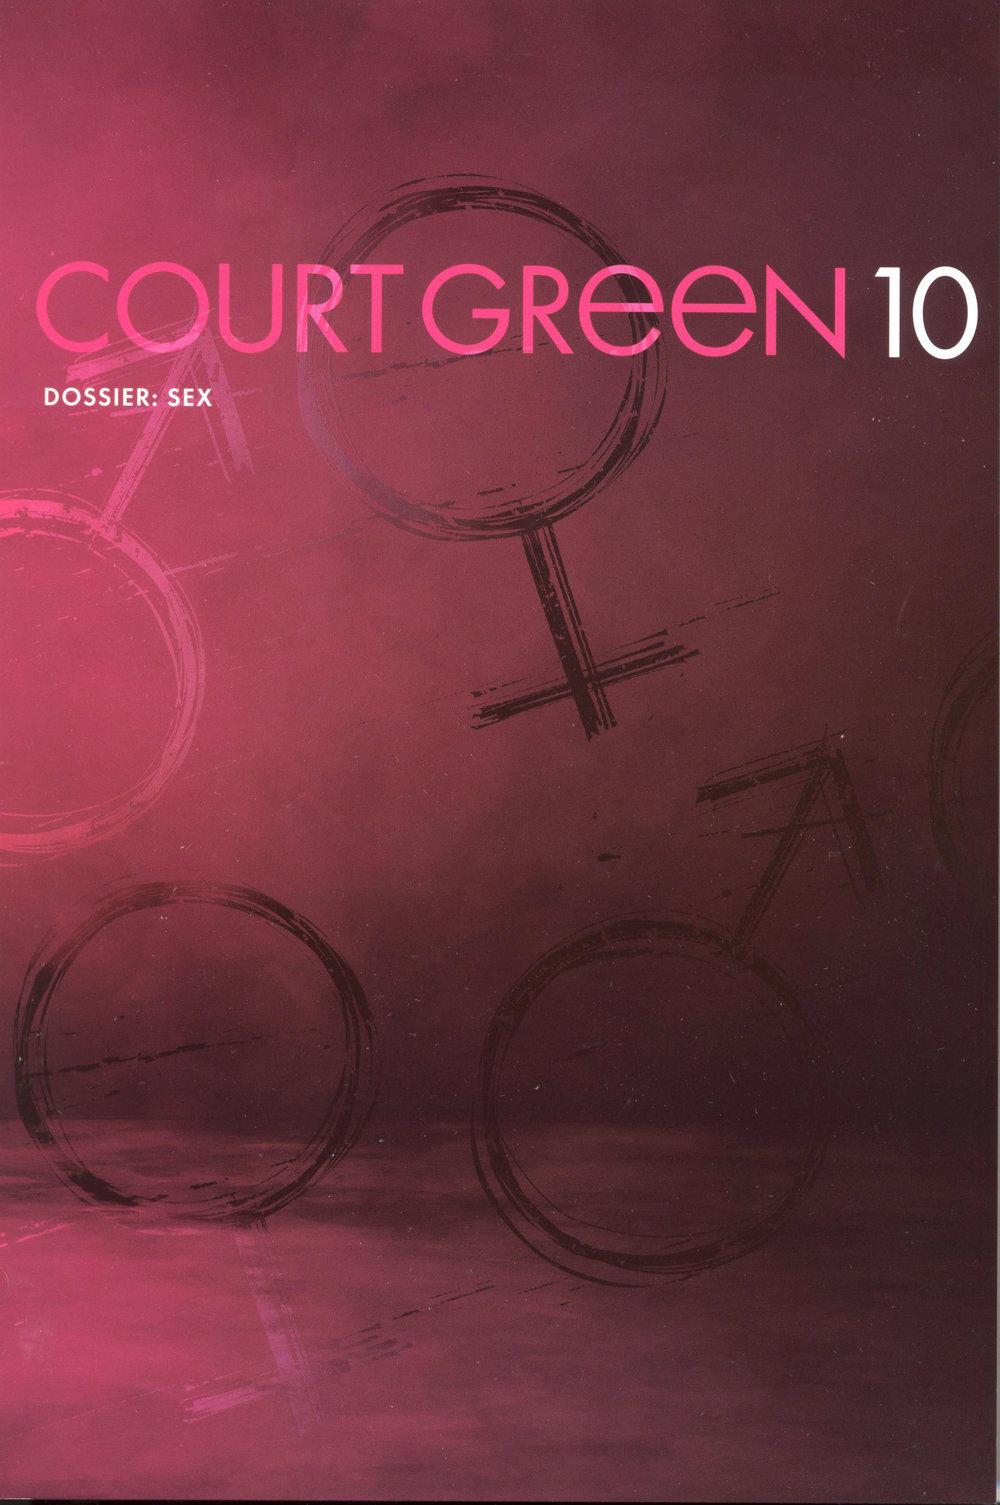 Court Green 10